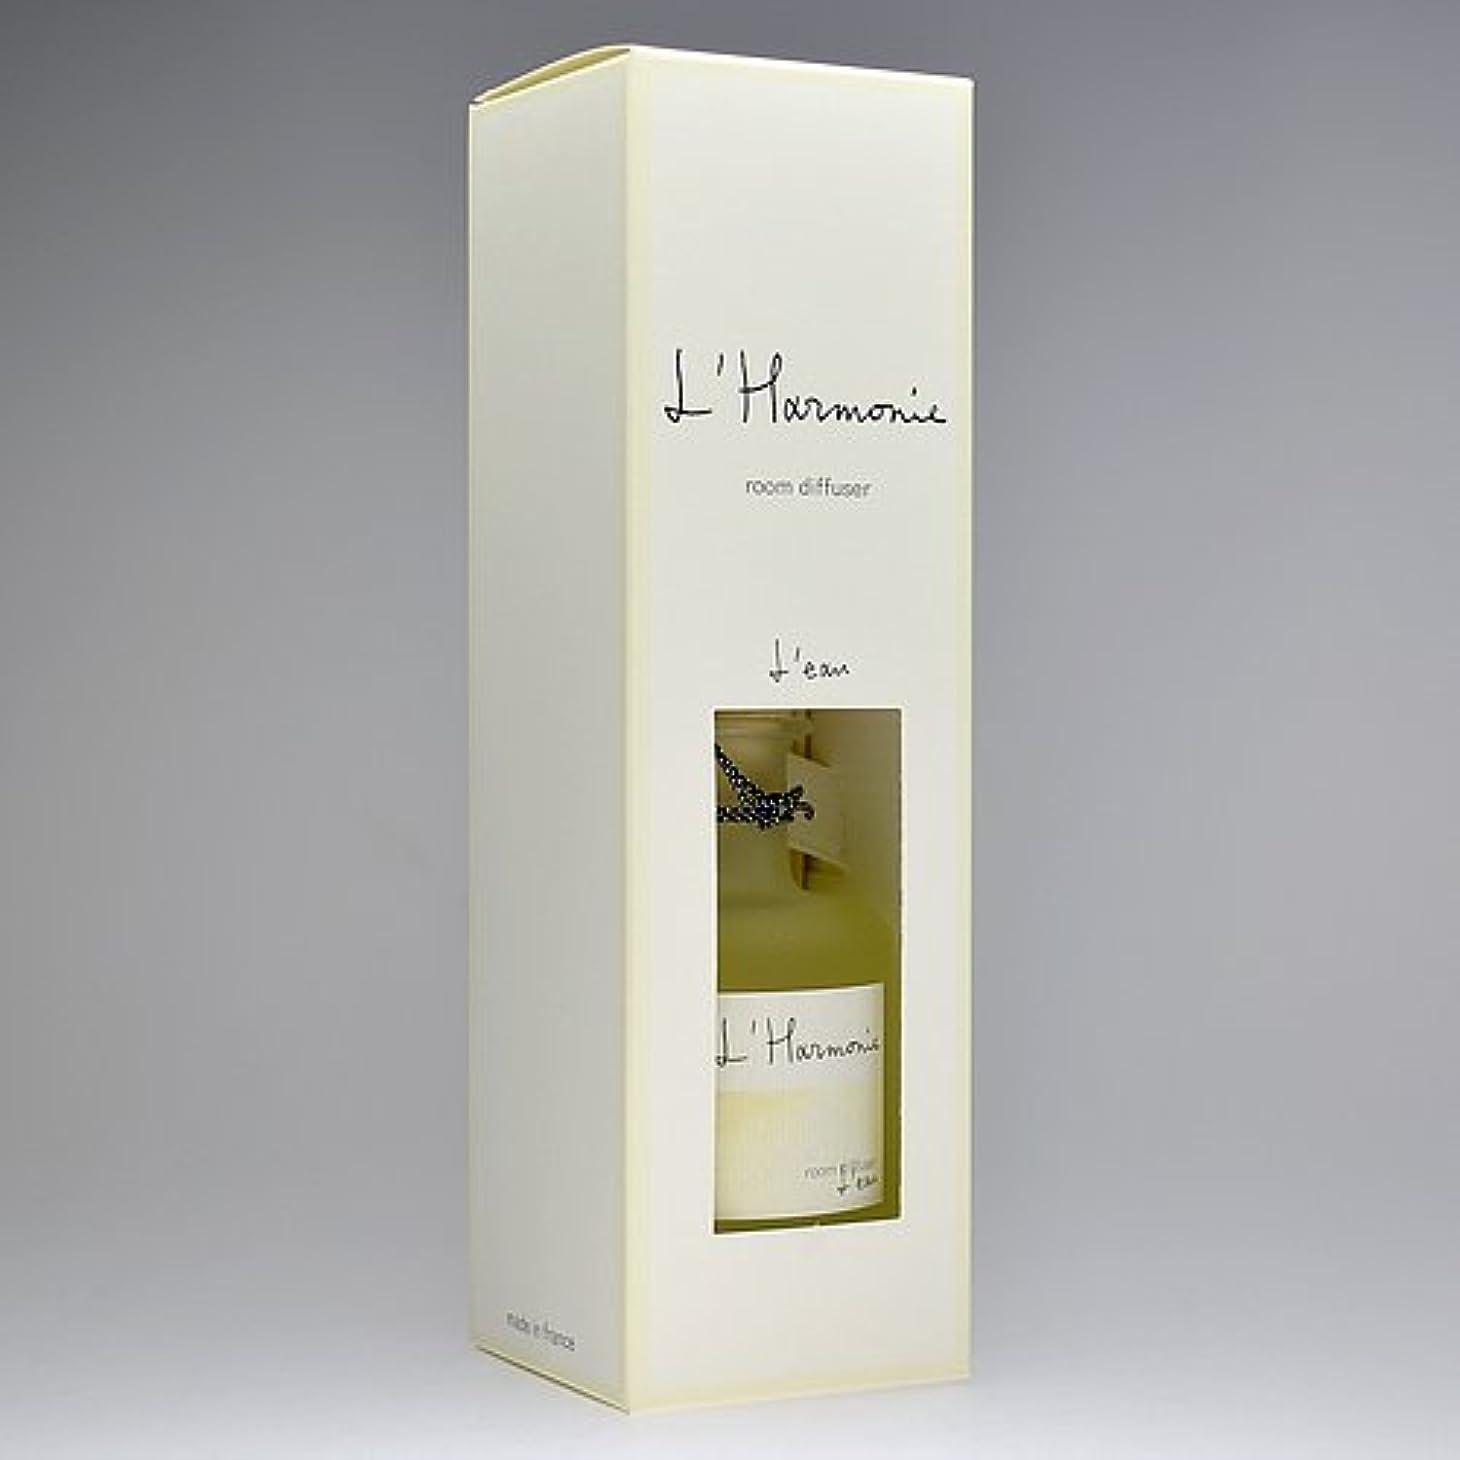 ボルト成功一月Lothantique(ロタンティック) L' Harmonie(アルモニ) ルームディフューザー 200ml 「L' eau(オー)」 4994228024657